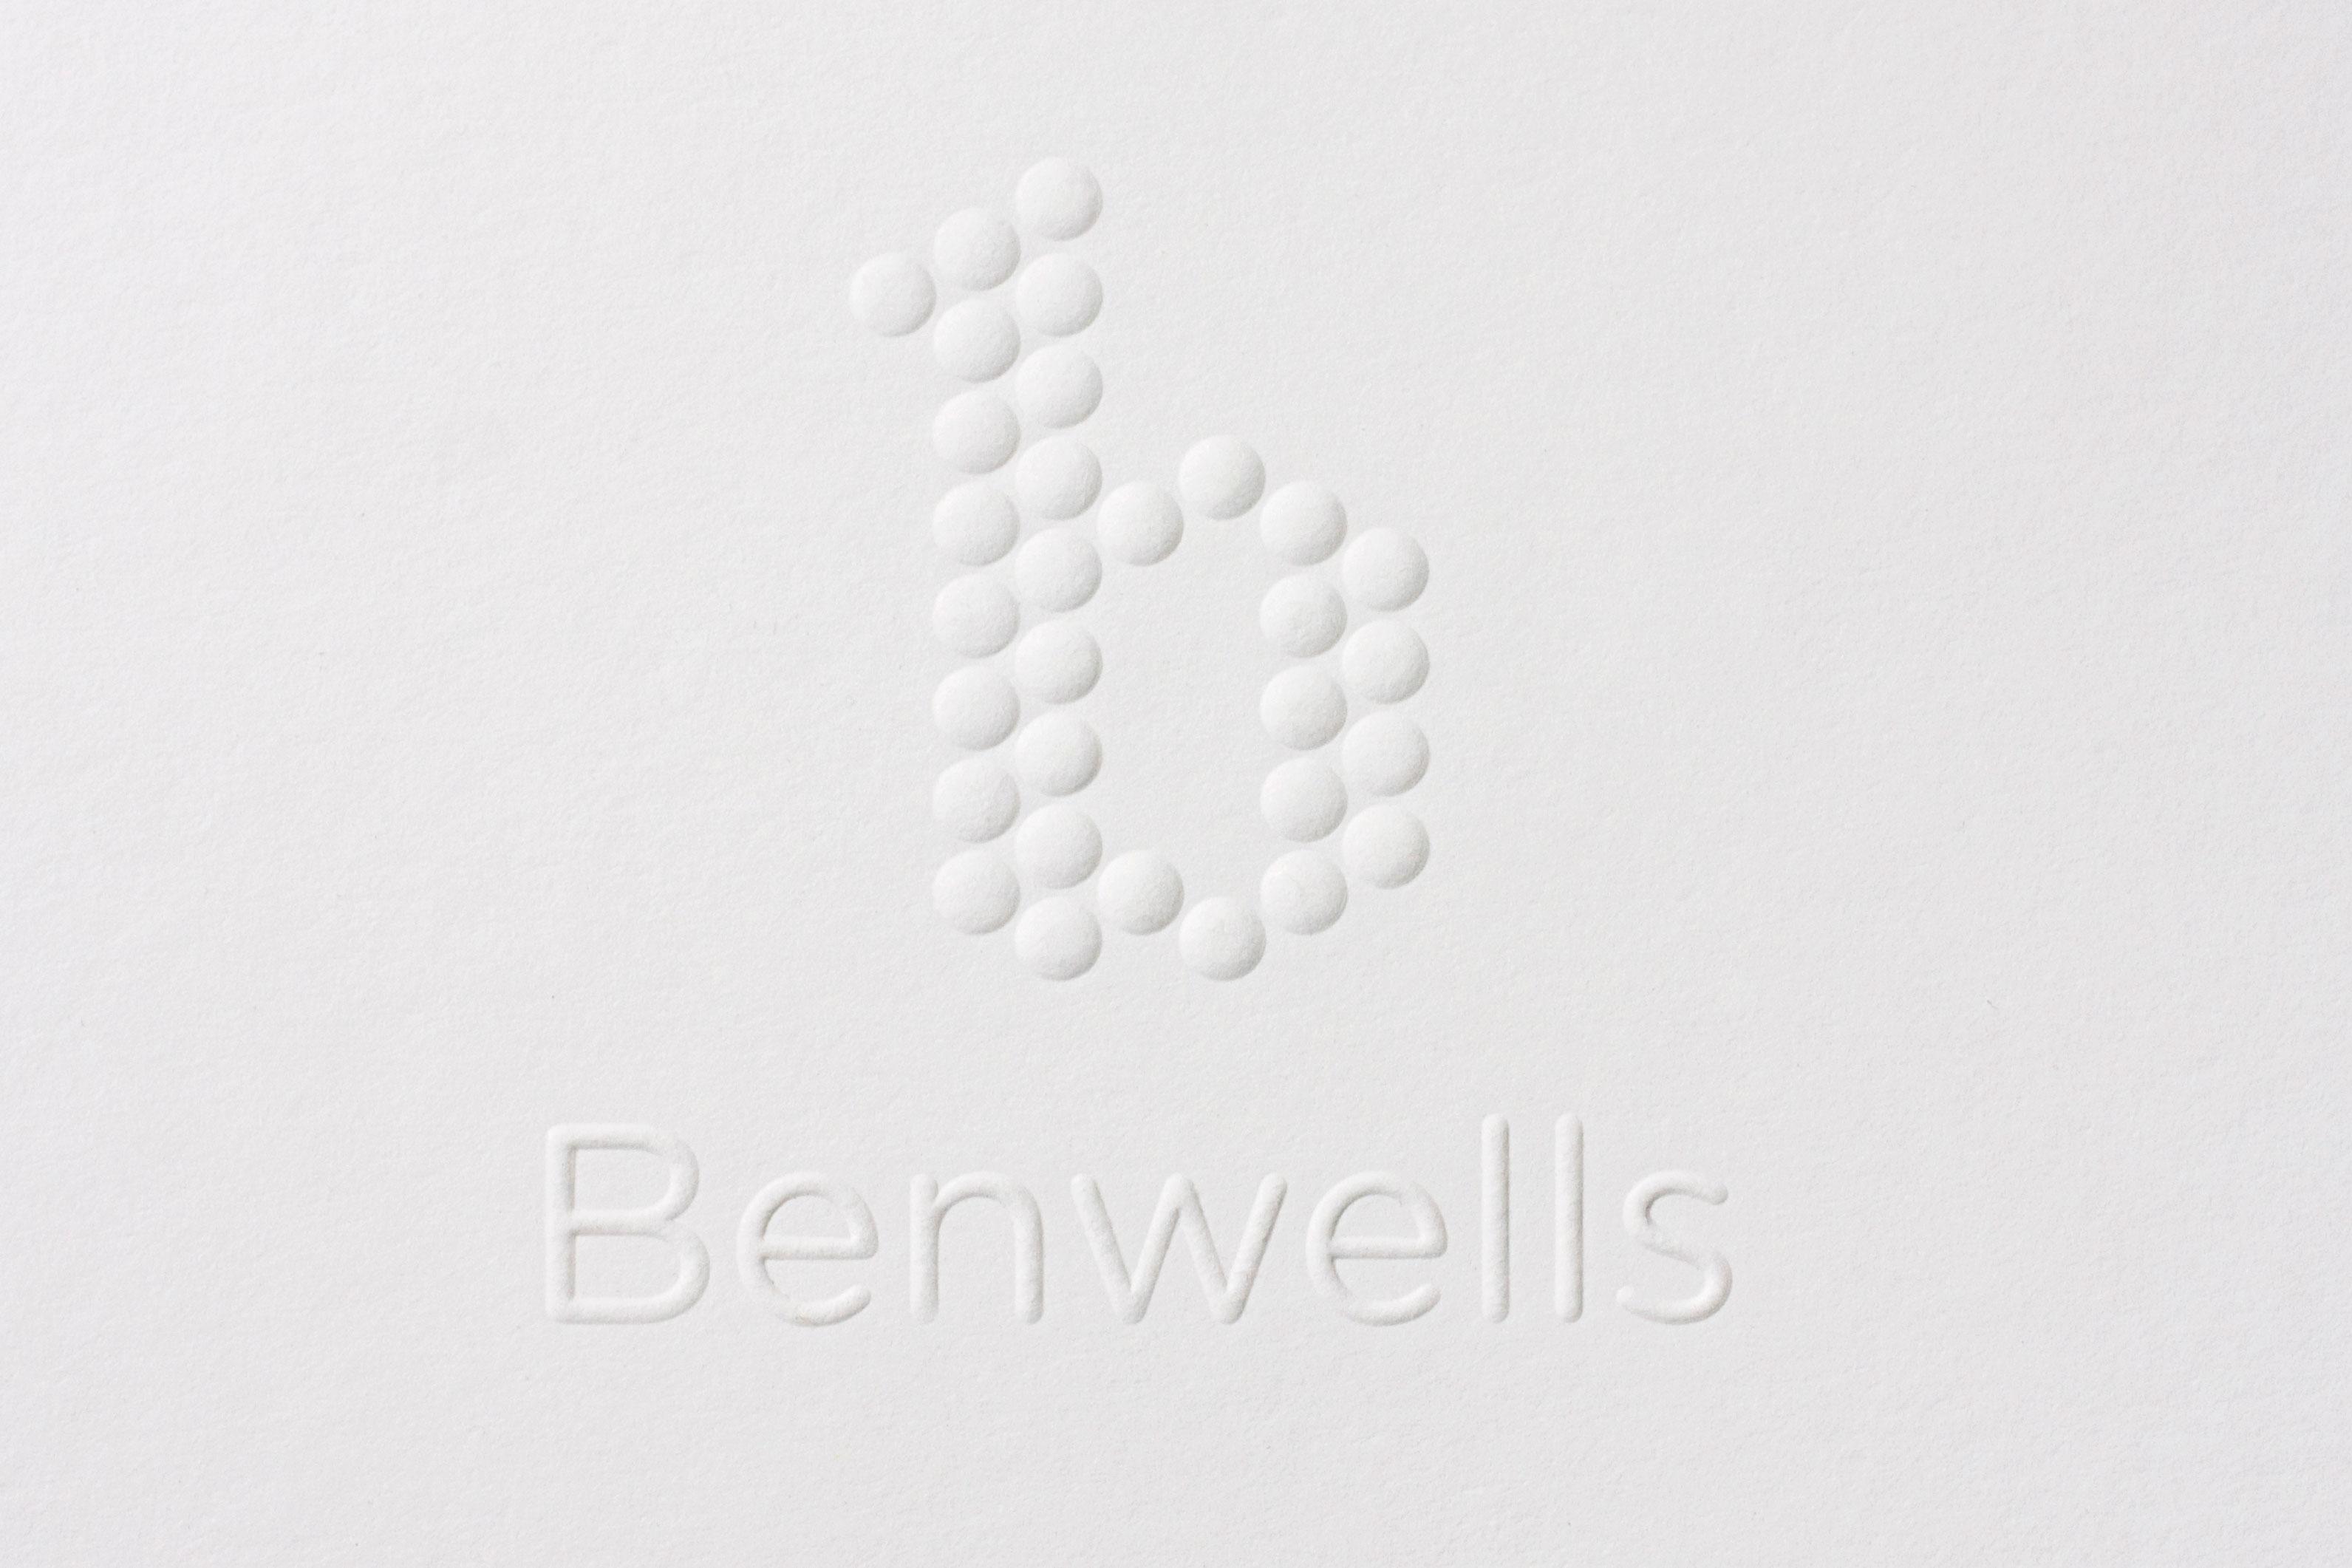 Benwells-logo-emboss